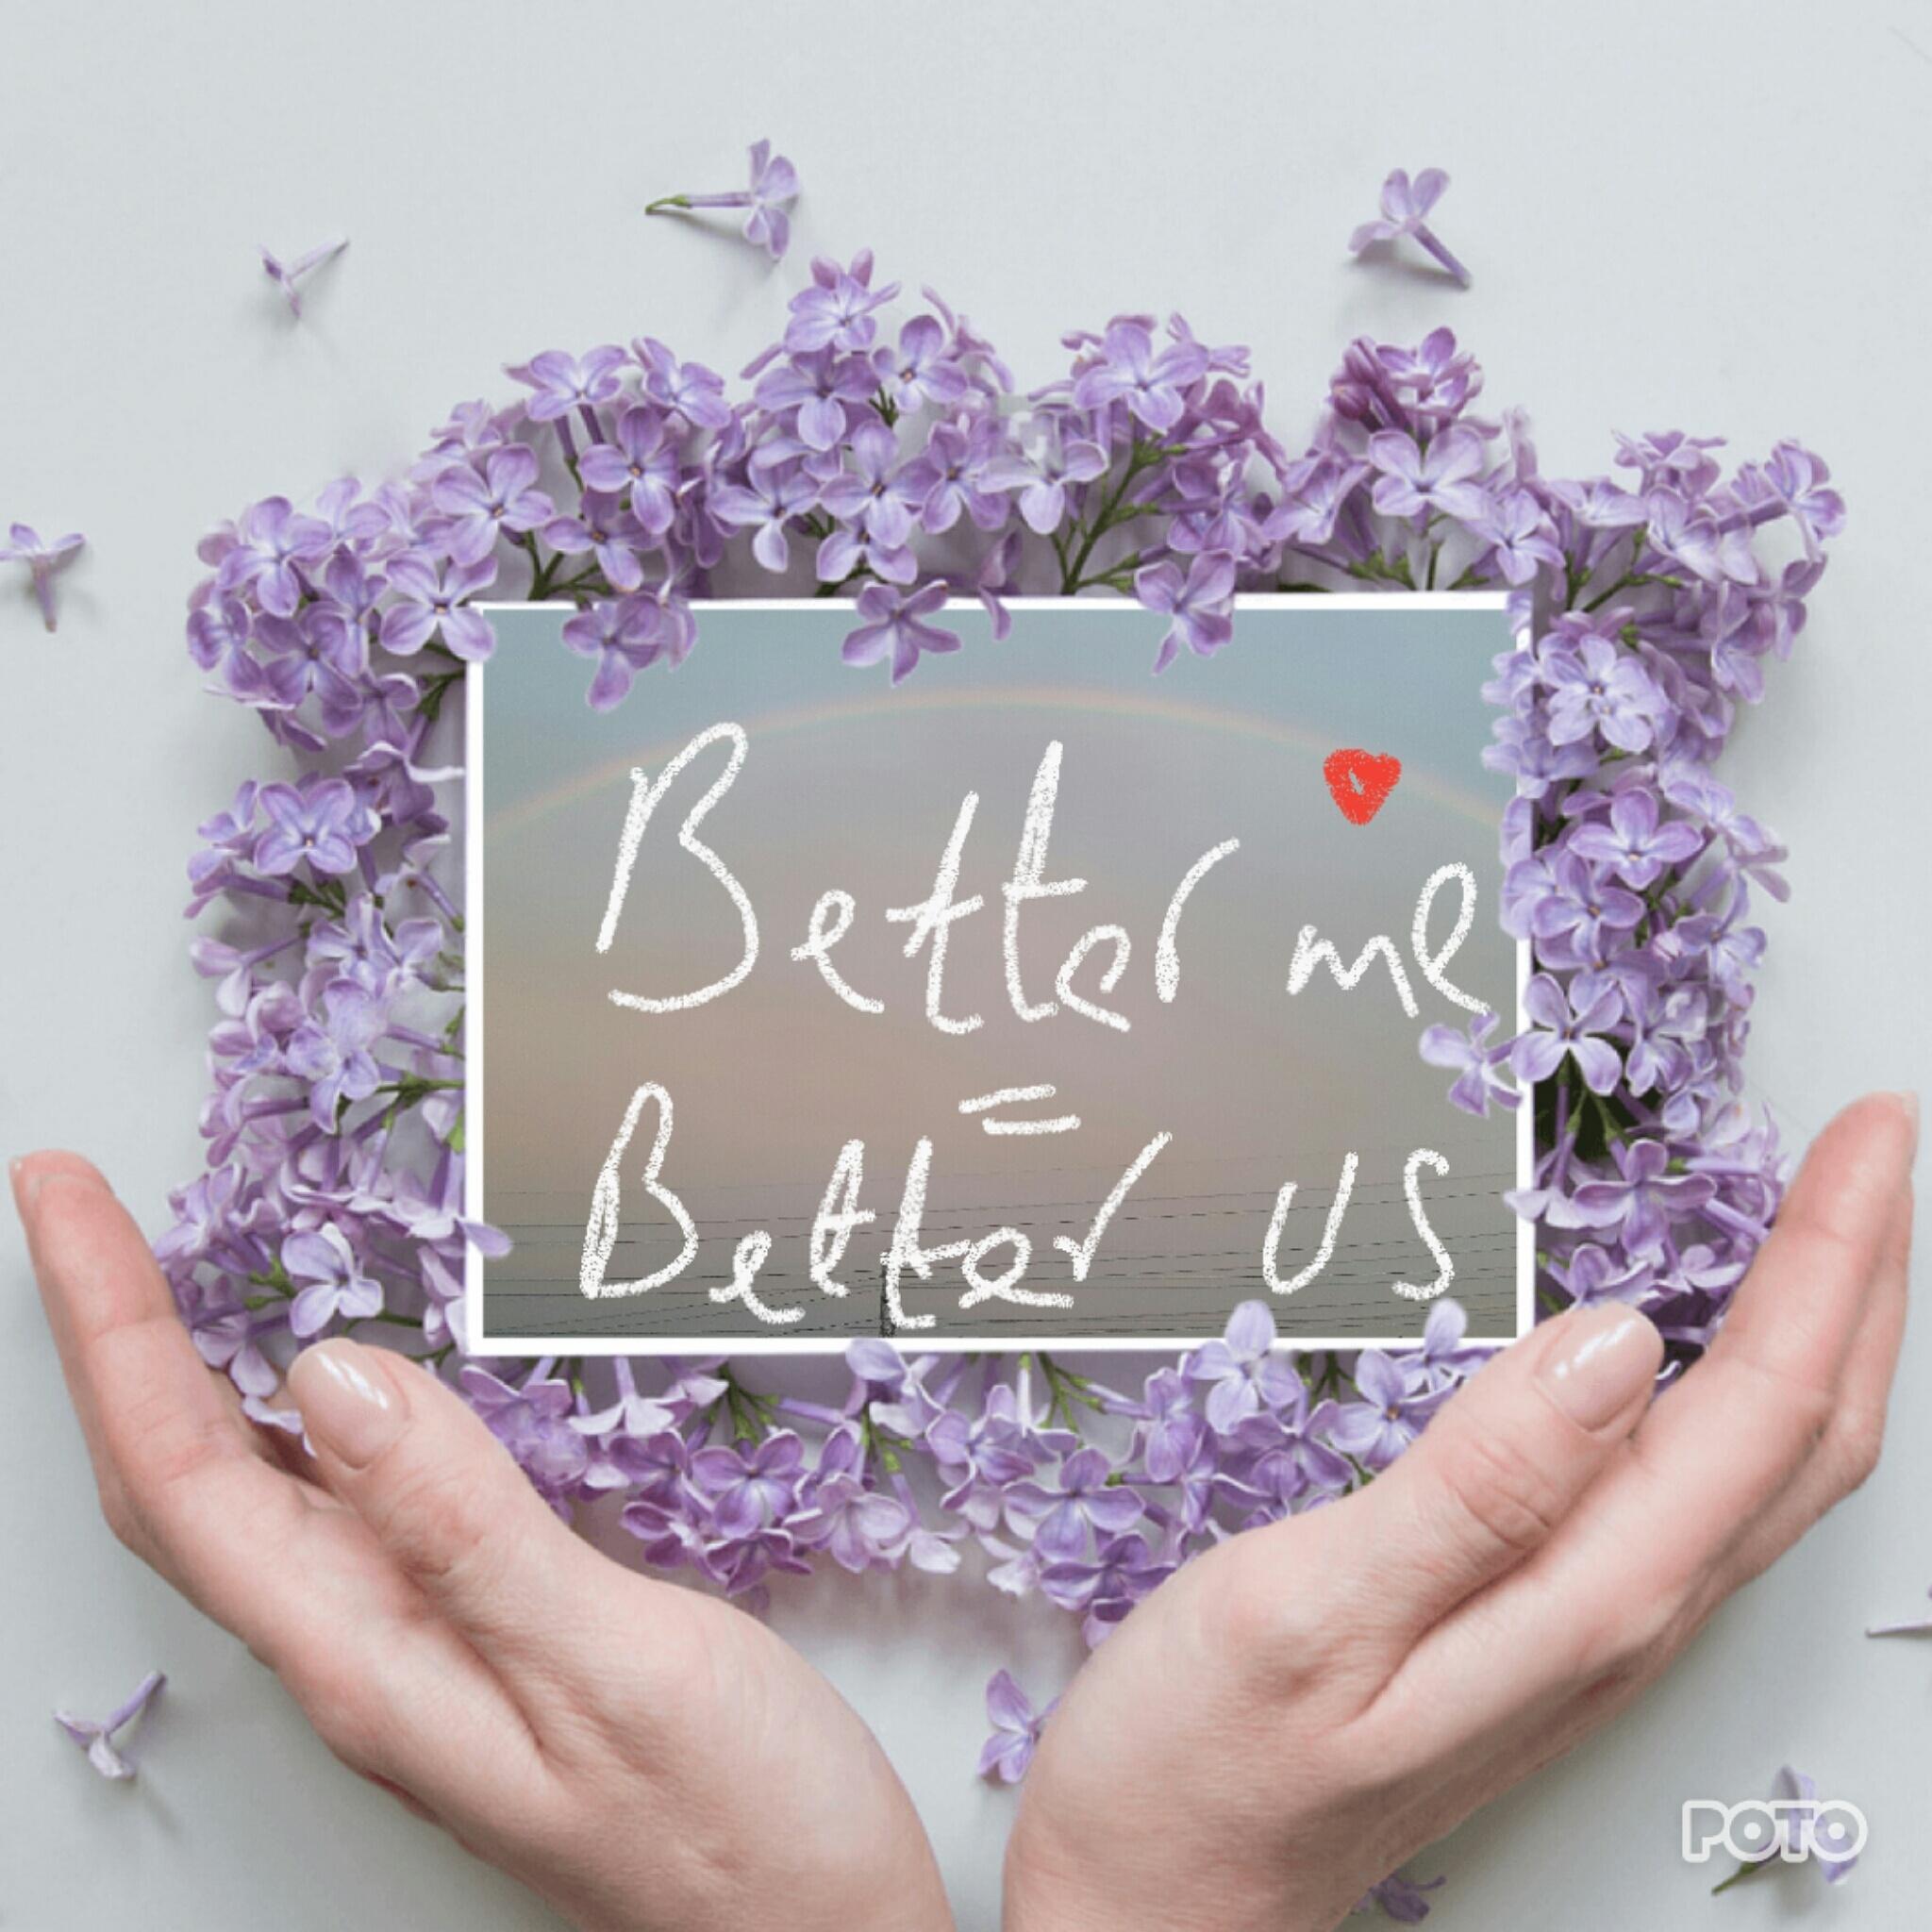 Better me = Better Us